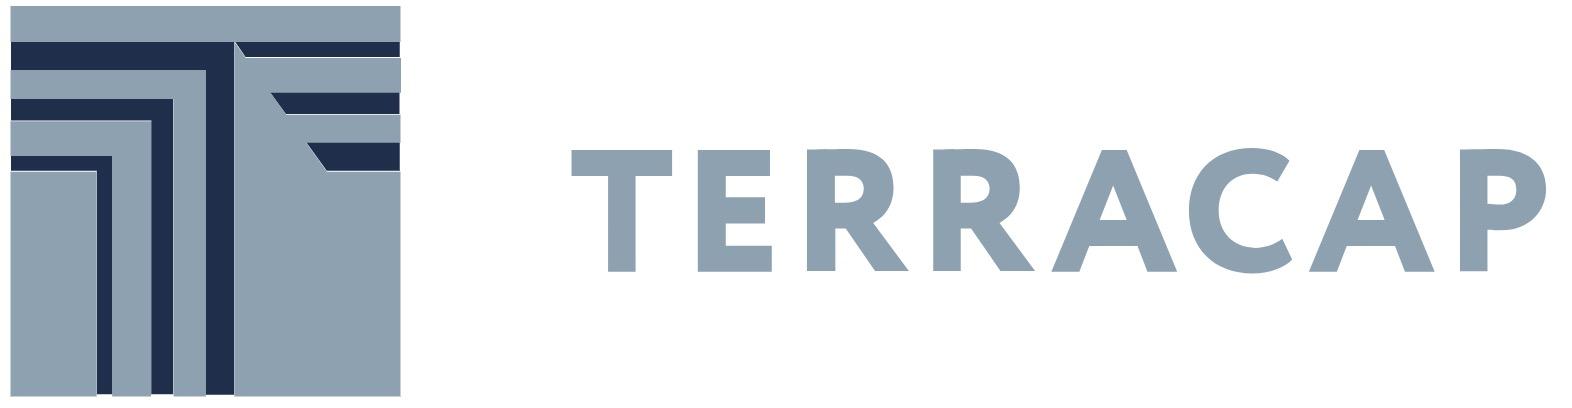 Terracap-logo